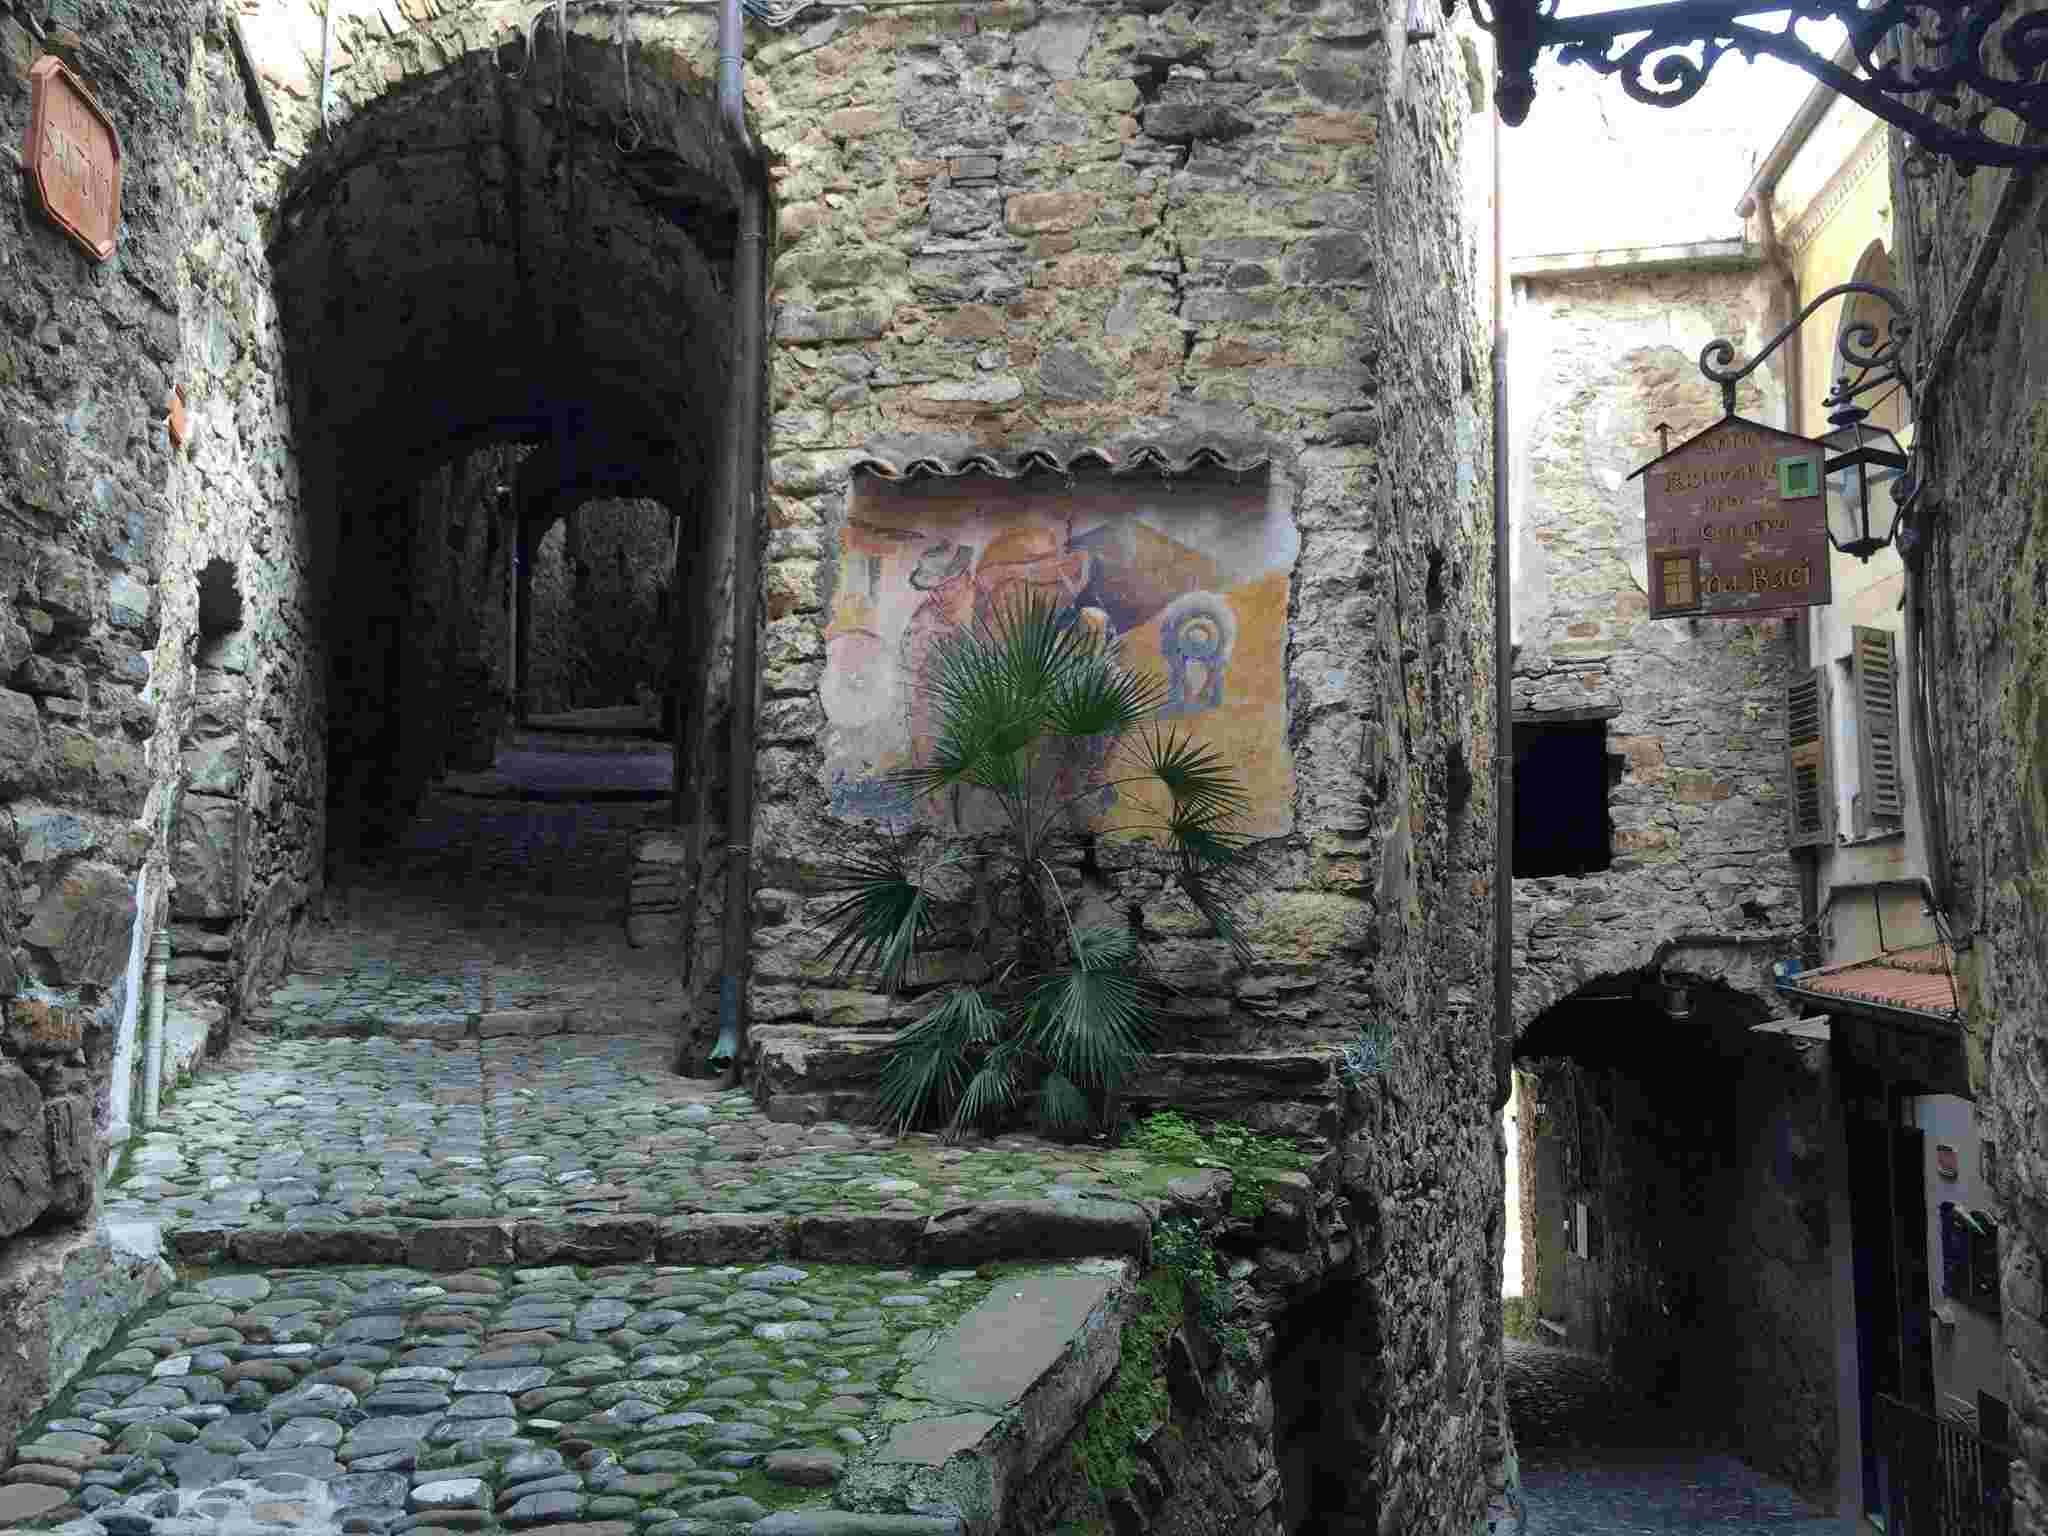 Apricale, le plus beau village d'Italie Aprica17